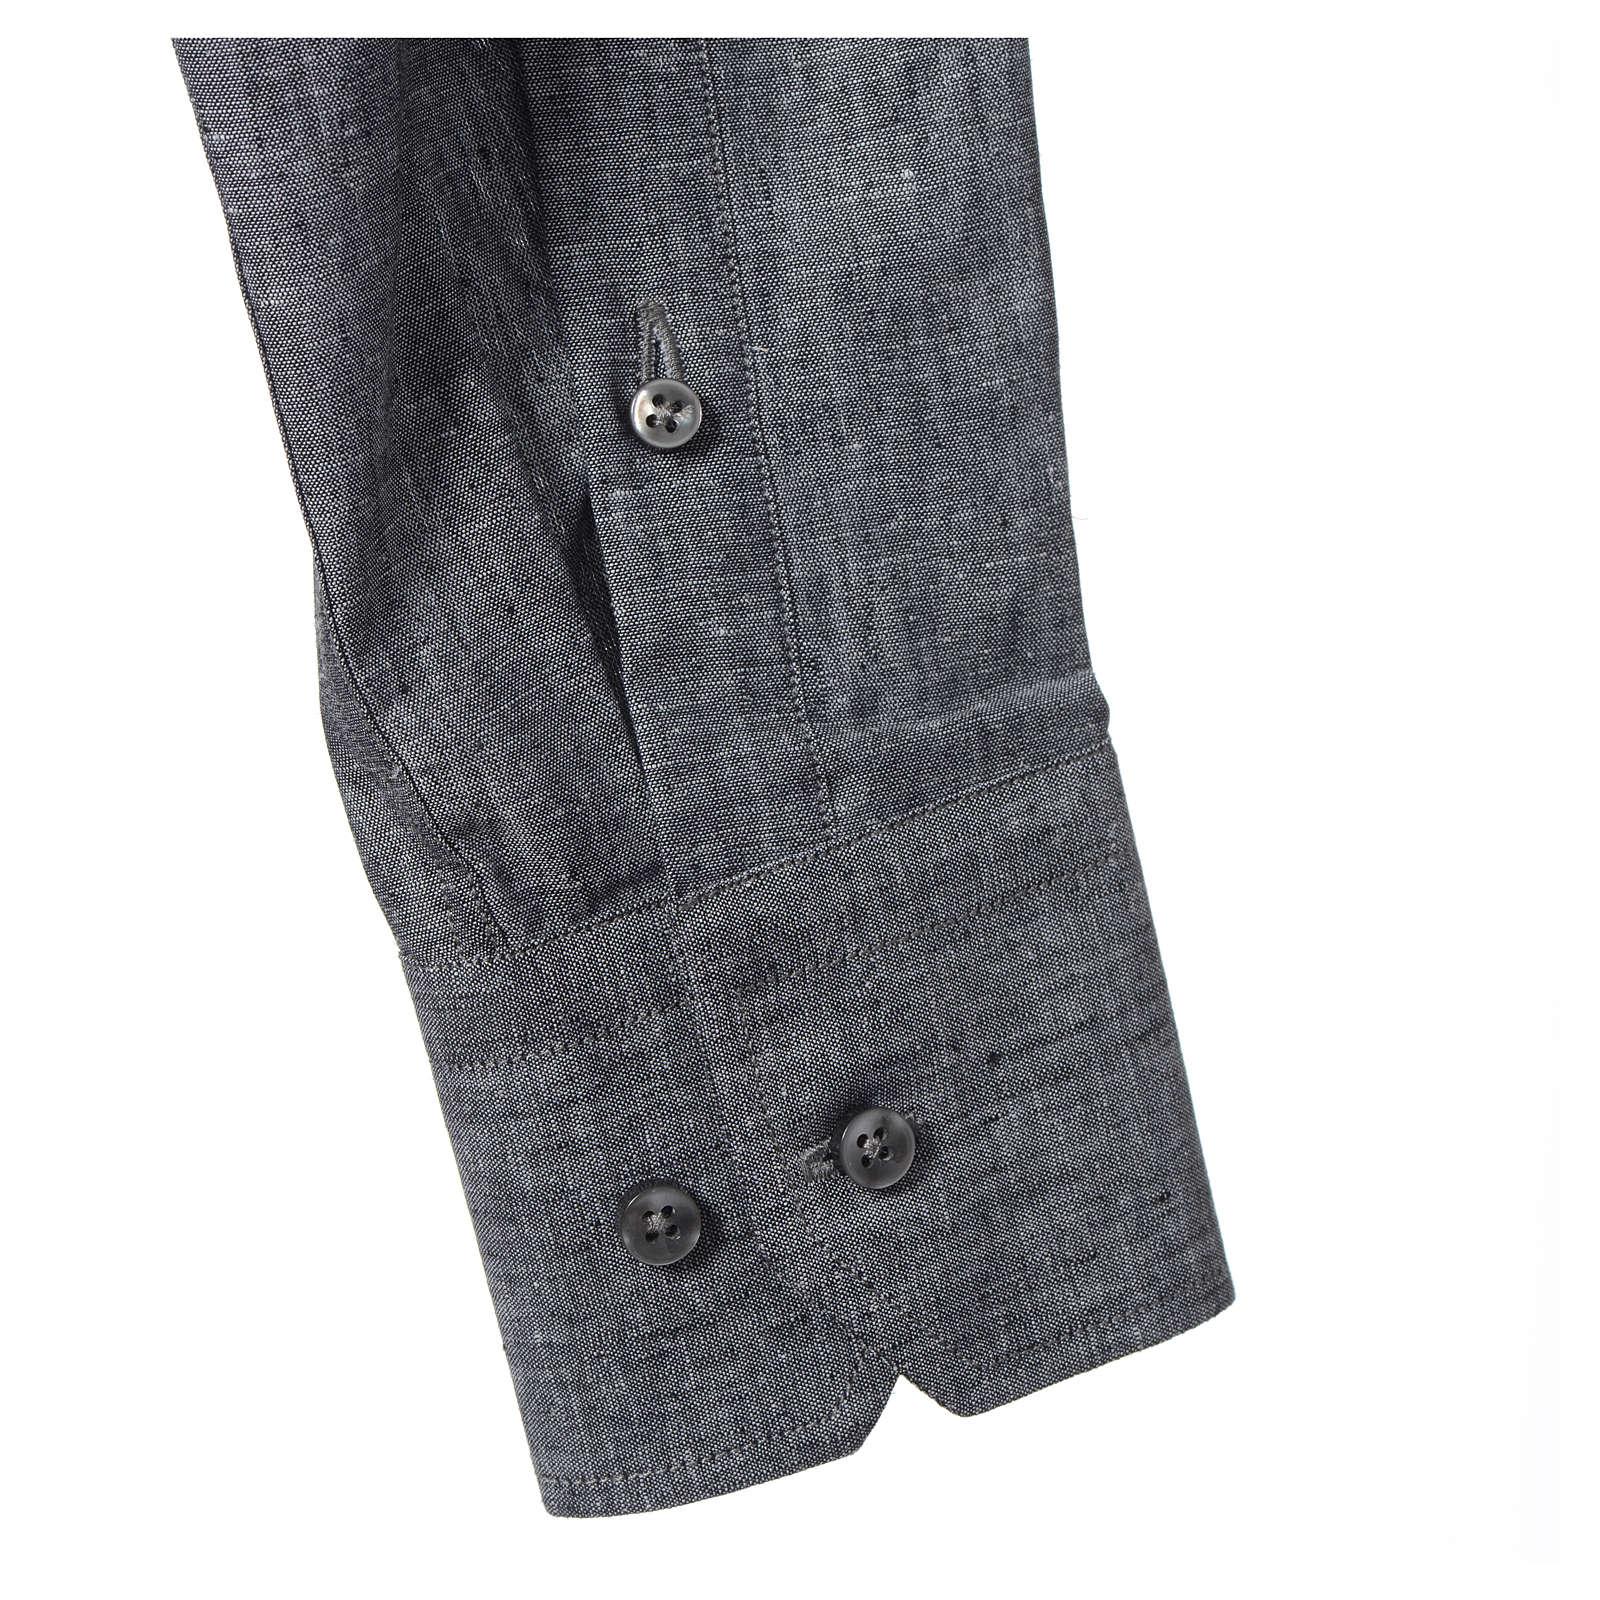 Camisa sacerdote linho algodão manga longa 4